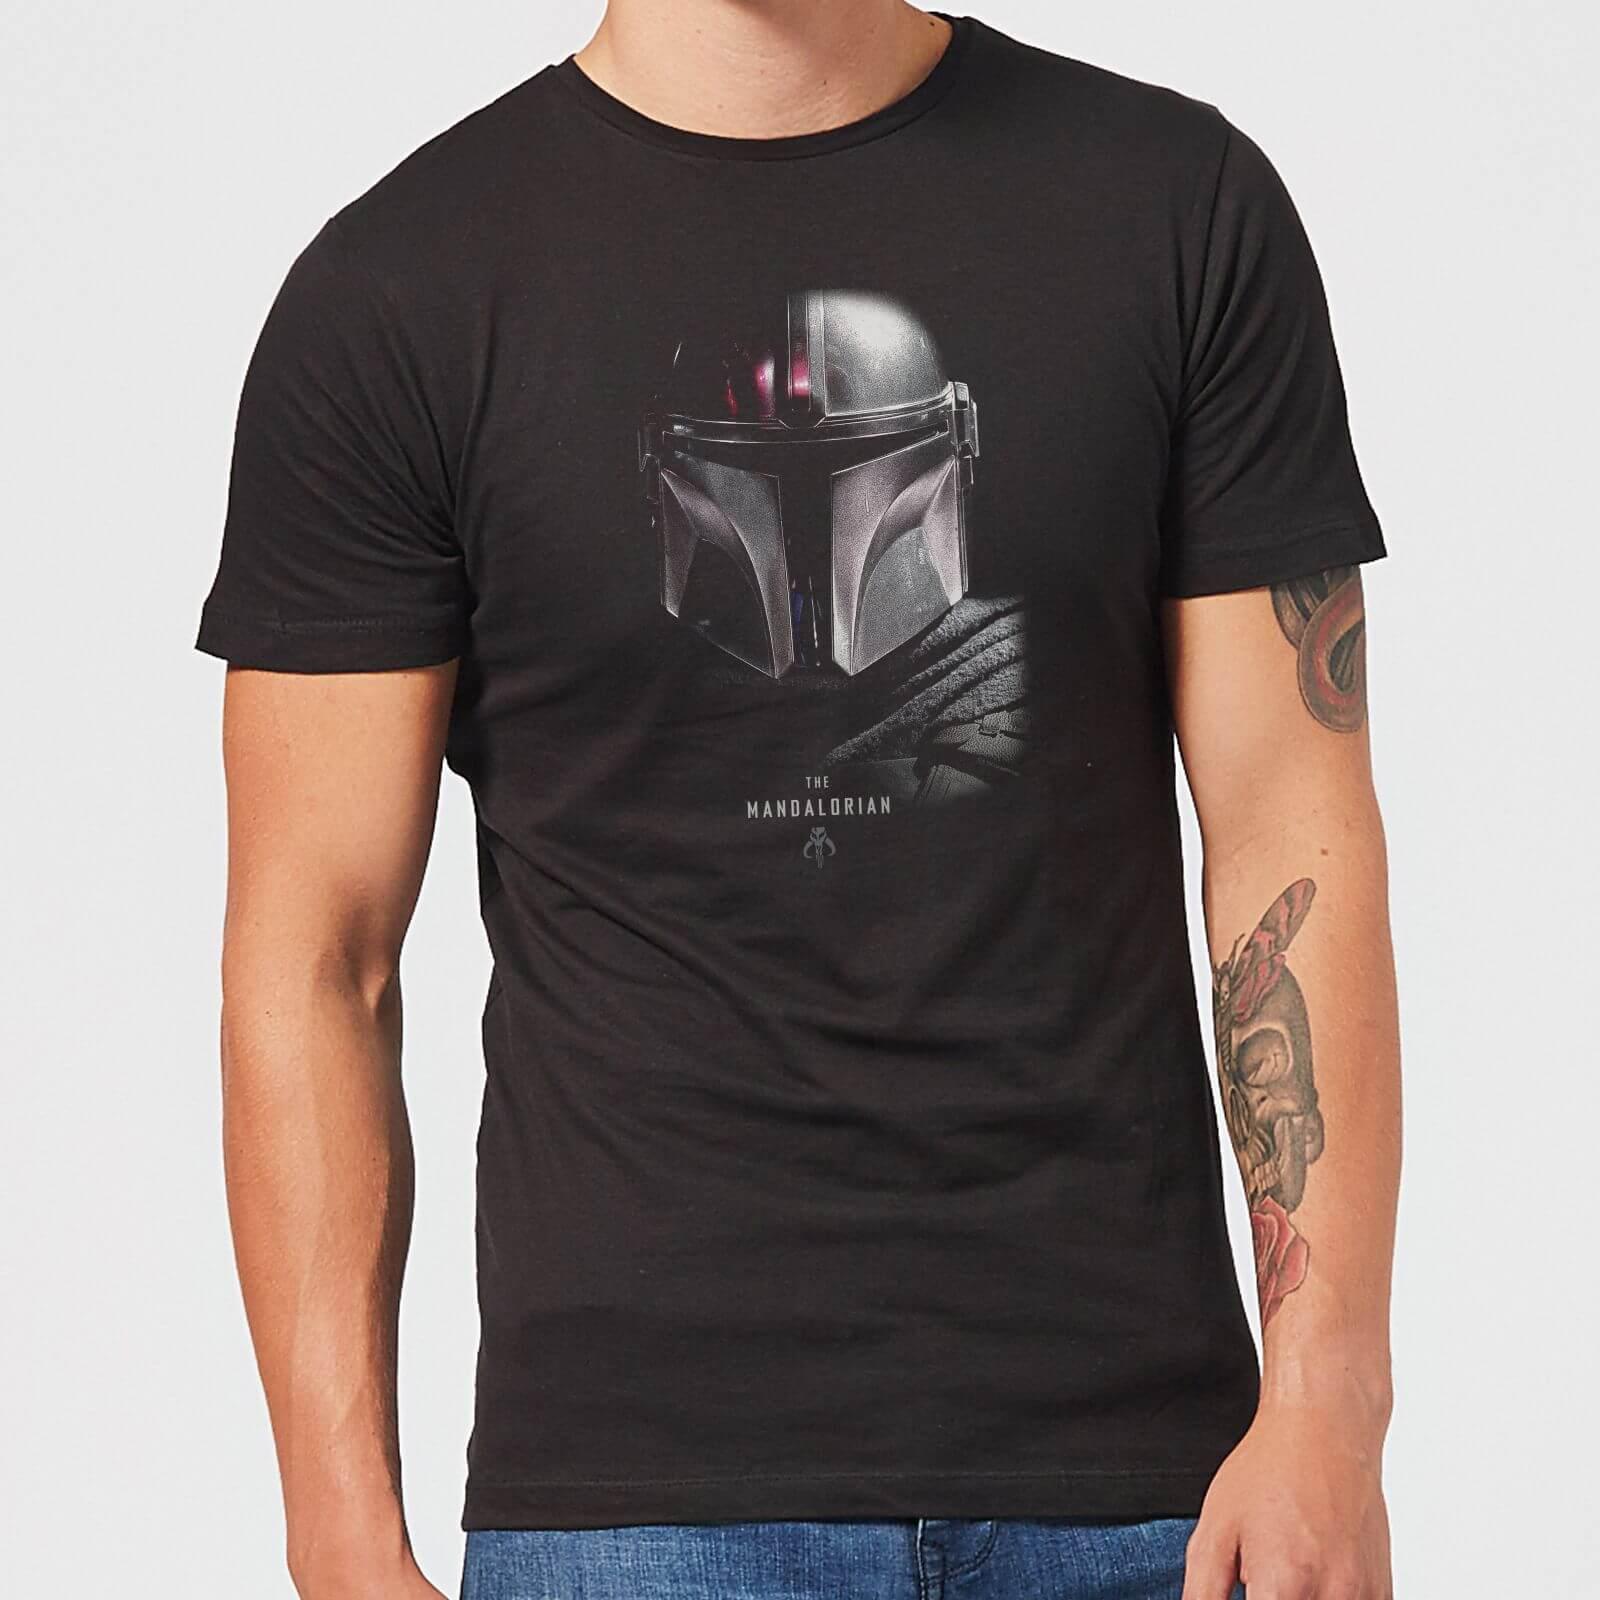 Sélection de produits en promotion - Ex : T-Shirt The Mandalorian - Différentes tailles